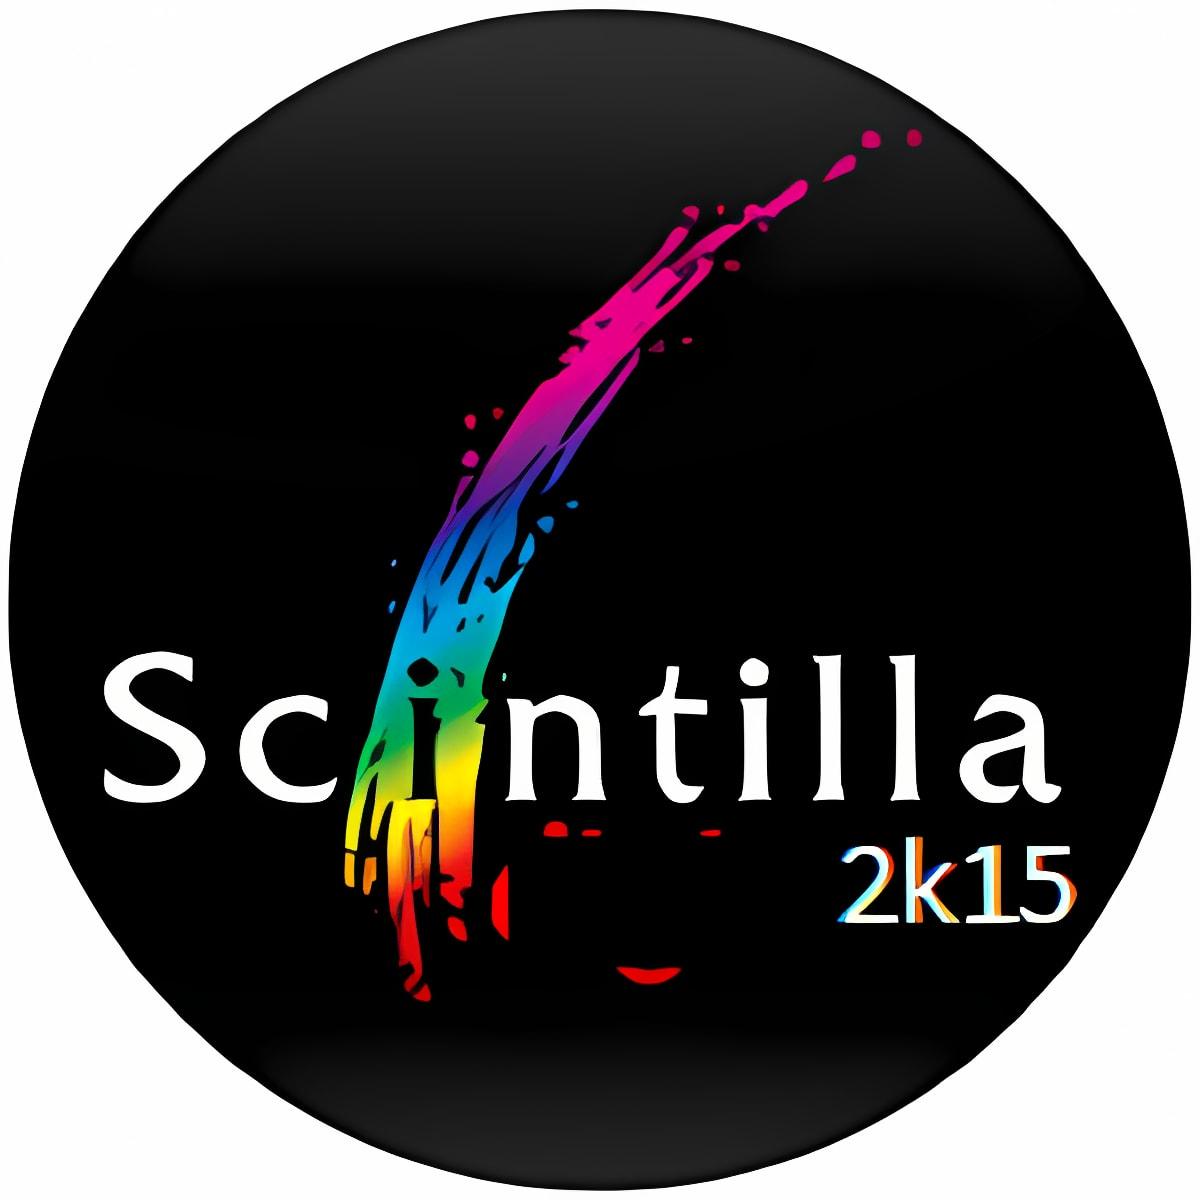 Scintilla2k15 4.0 y versiones superiores